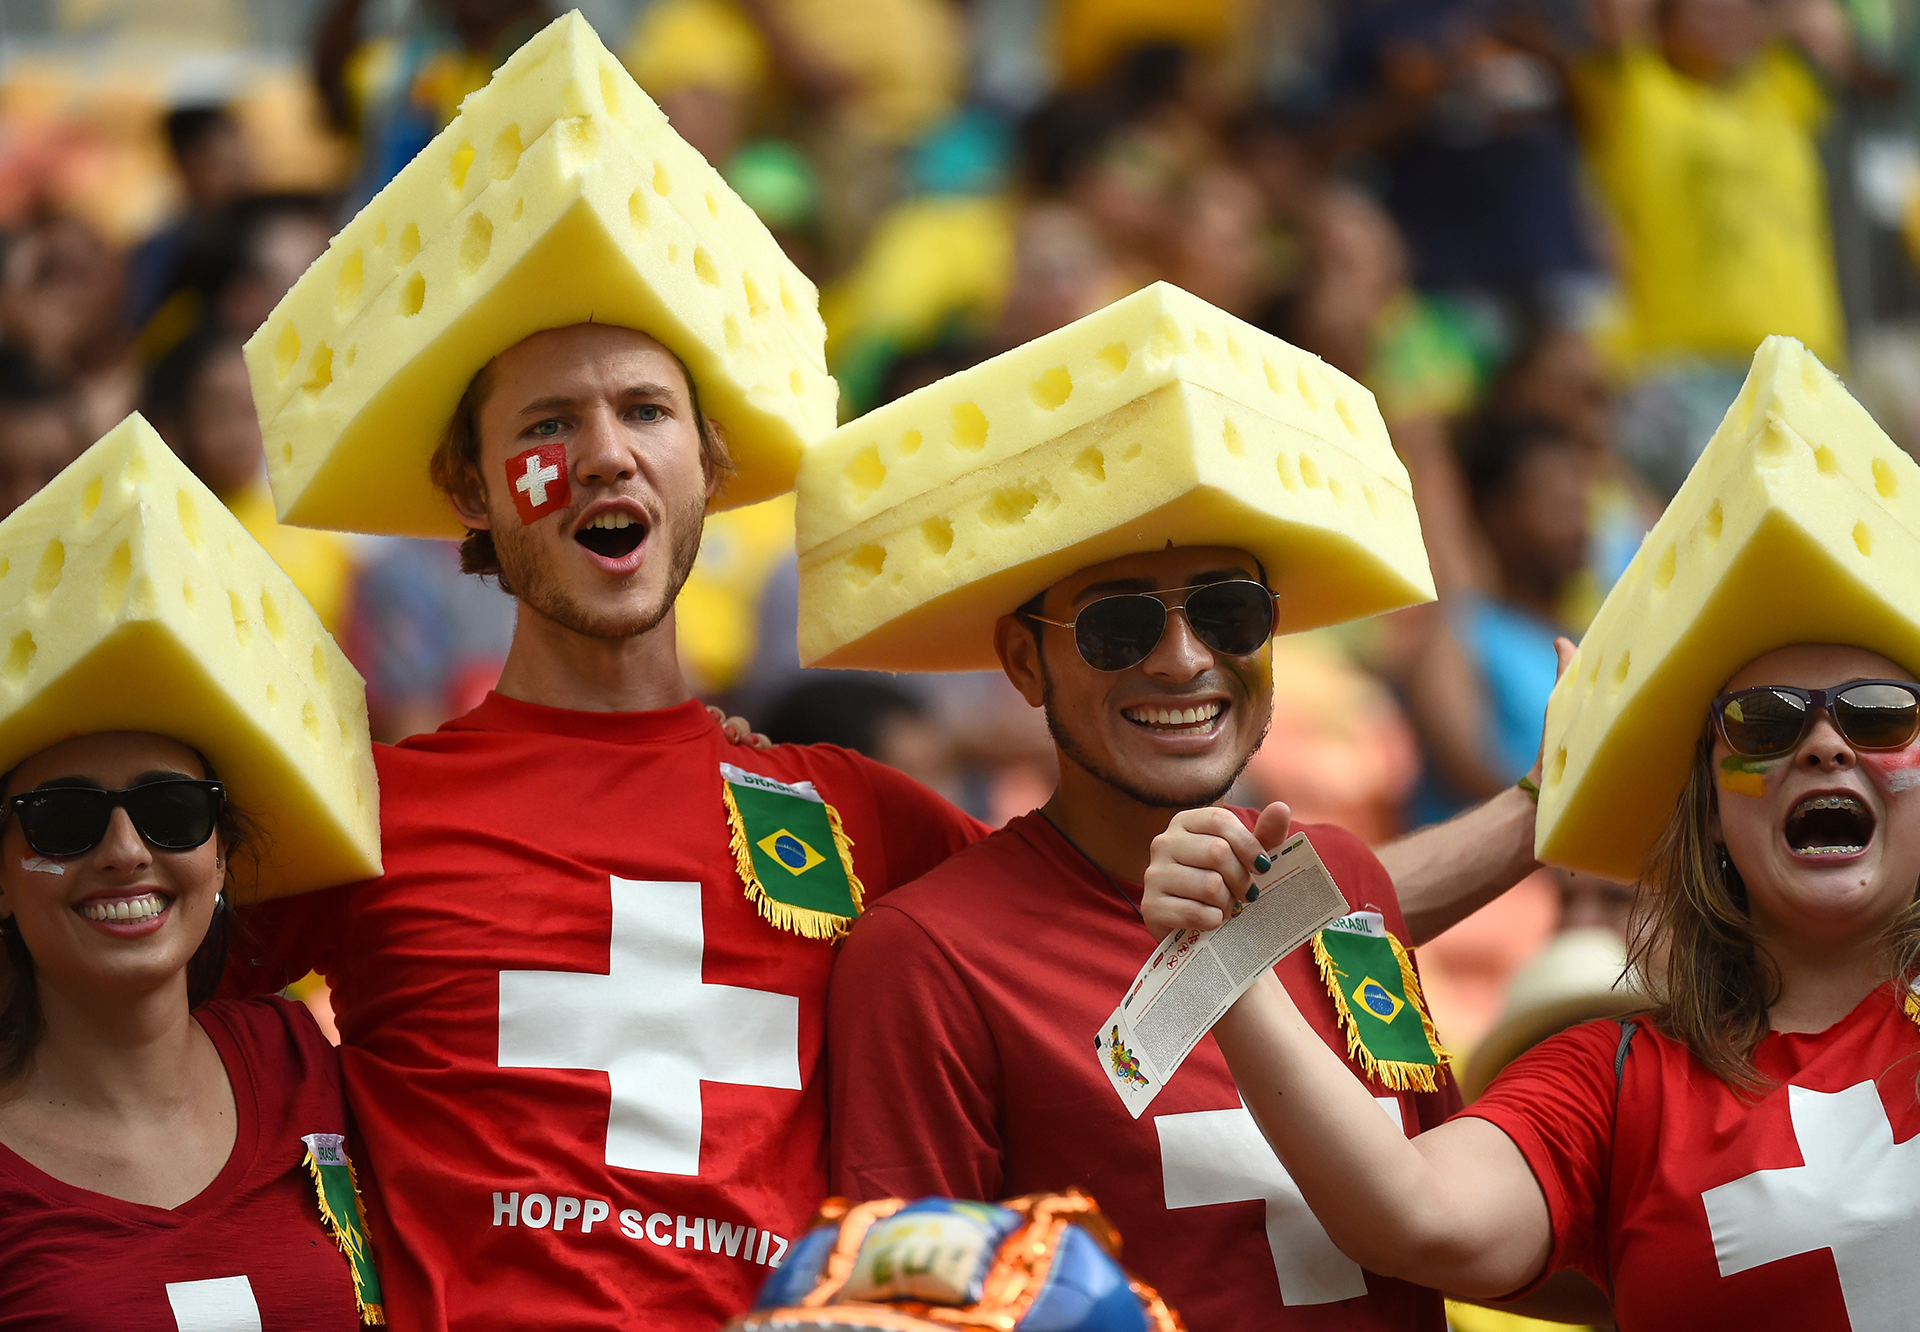 les d u00e9guisements des fans  u00e0 la coupe du monde 2014